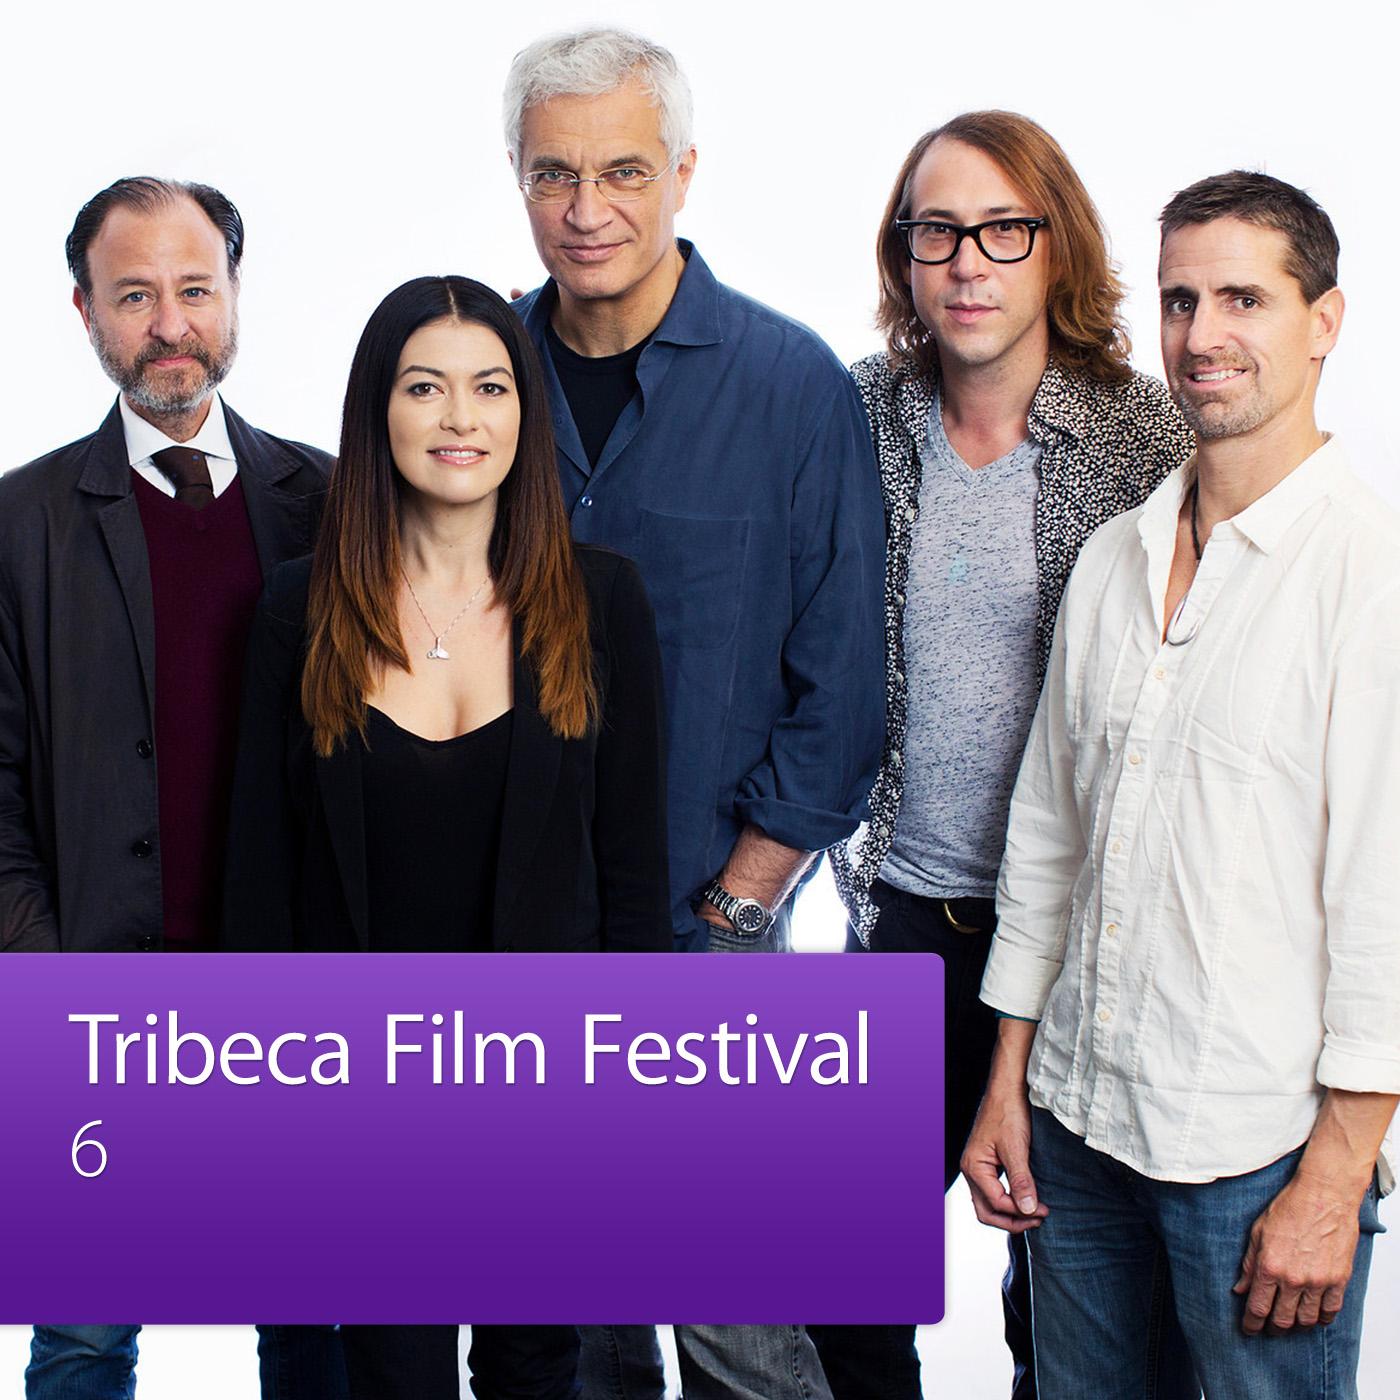 6: Tribeca Film Festival